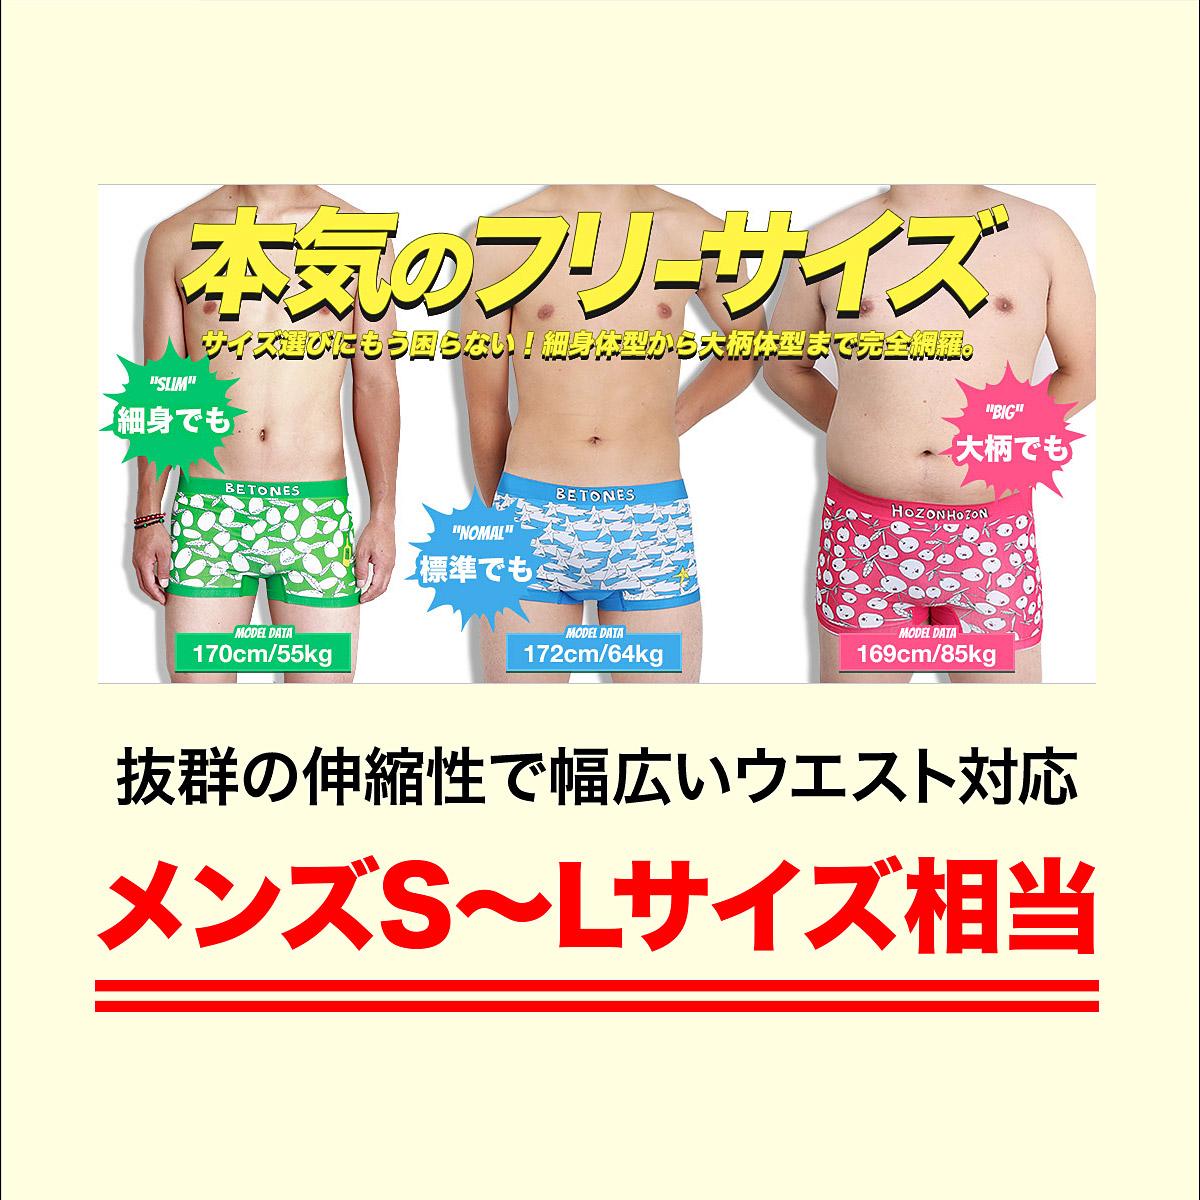 BETONES/ビトーンズ ボクサーパンツ メンズ 下着 RITA 花柄 かわいい 立体成型 フリーサイズ シームレス 機能性 プチギフト 誕生日プレゼント 彼氏 父 旦那 ギフト